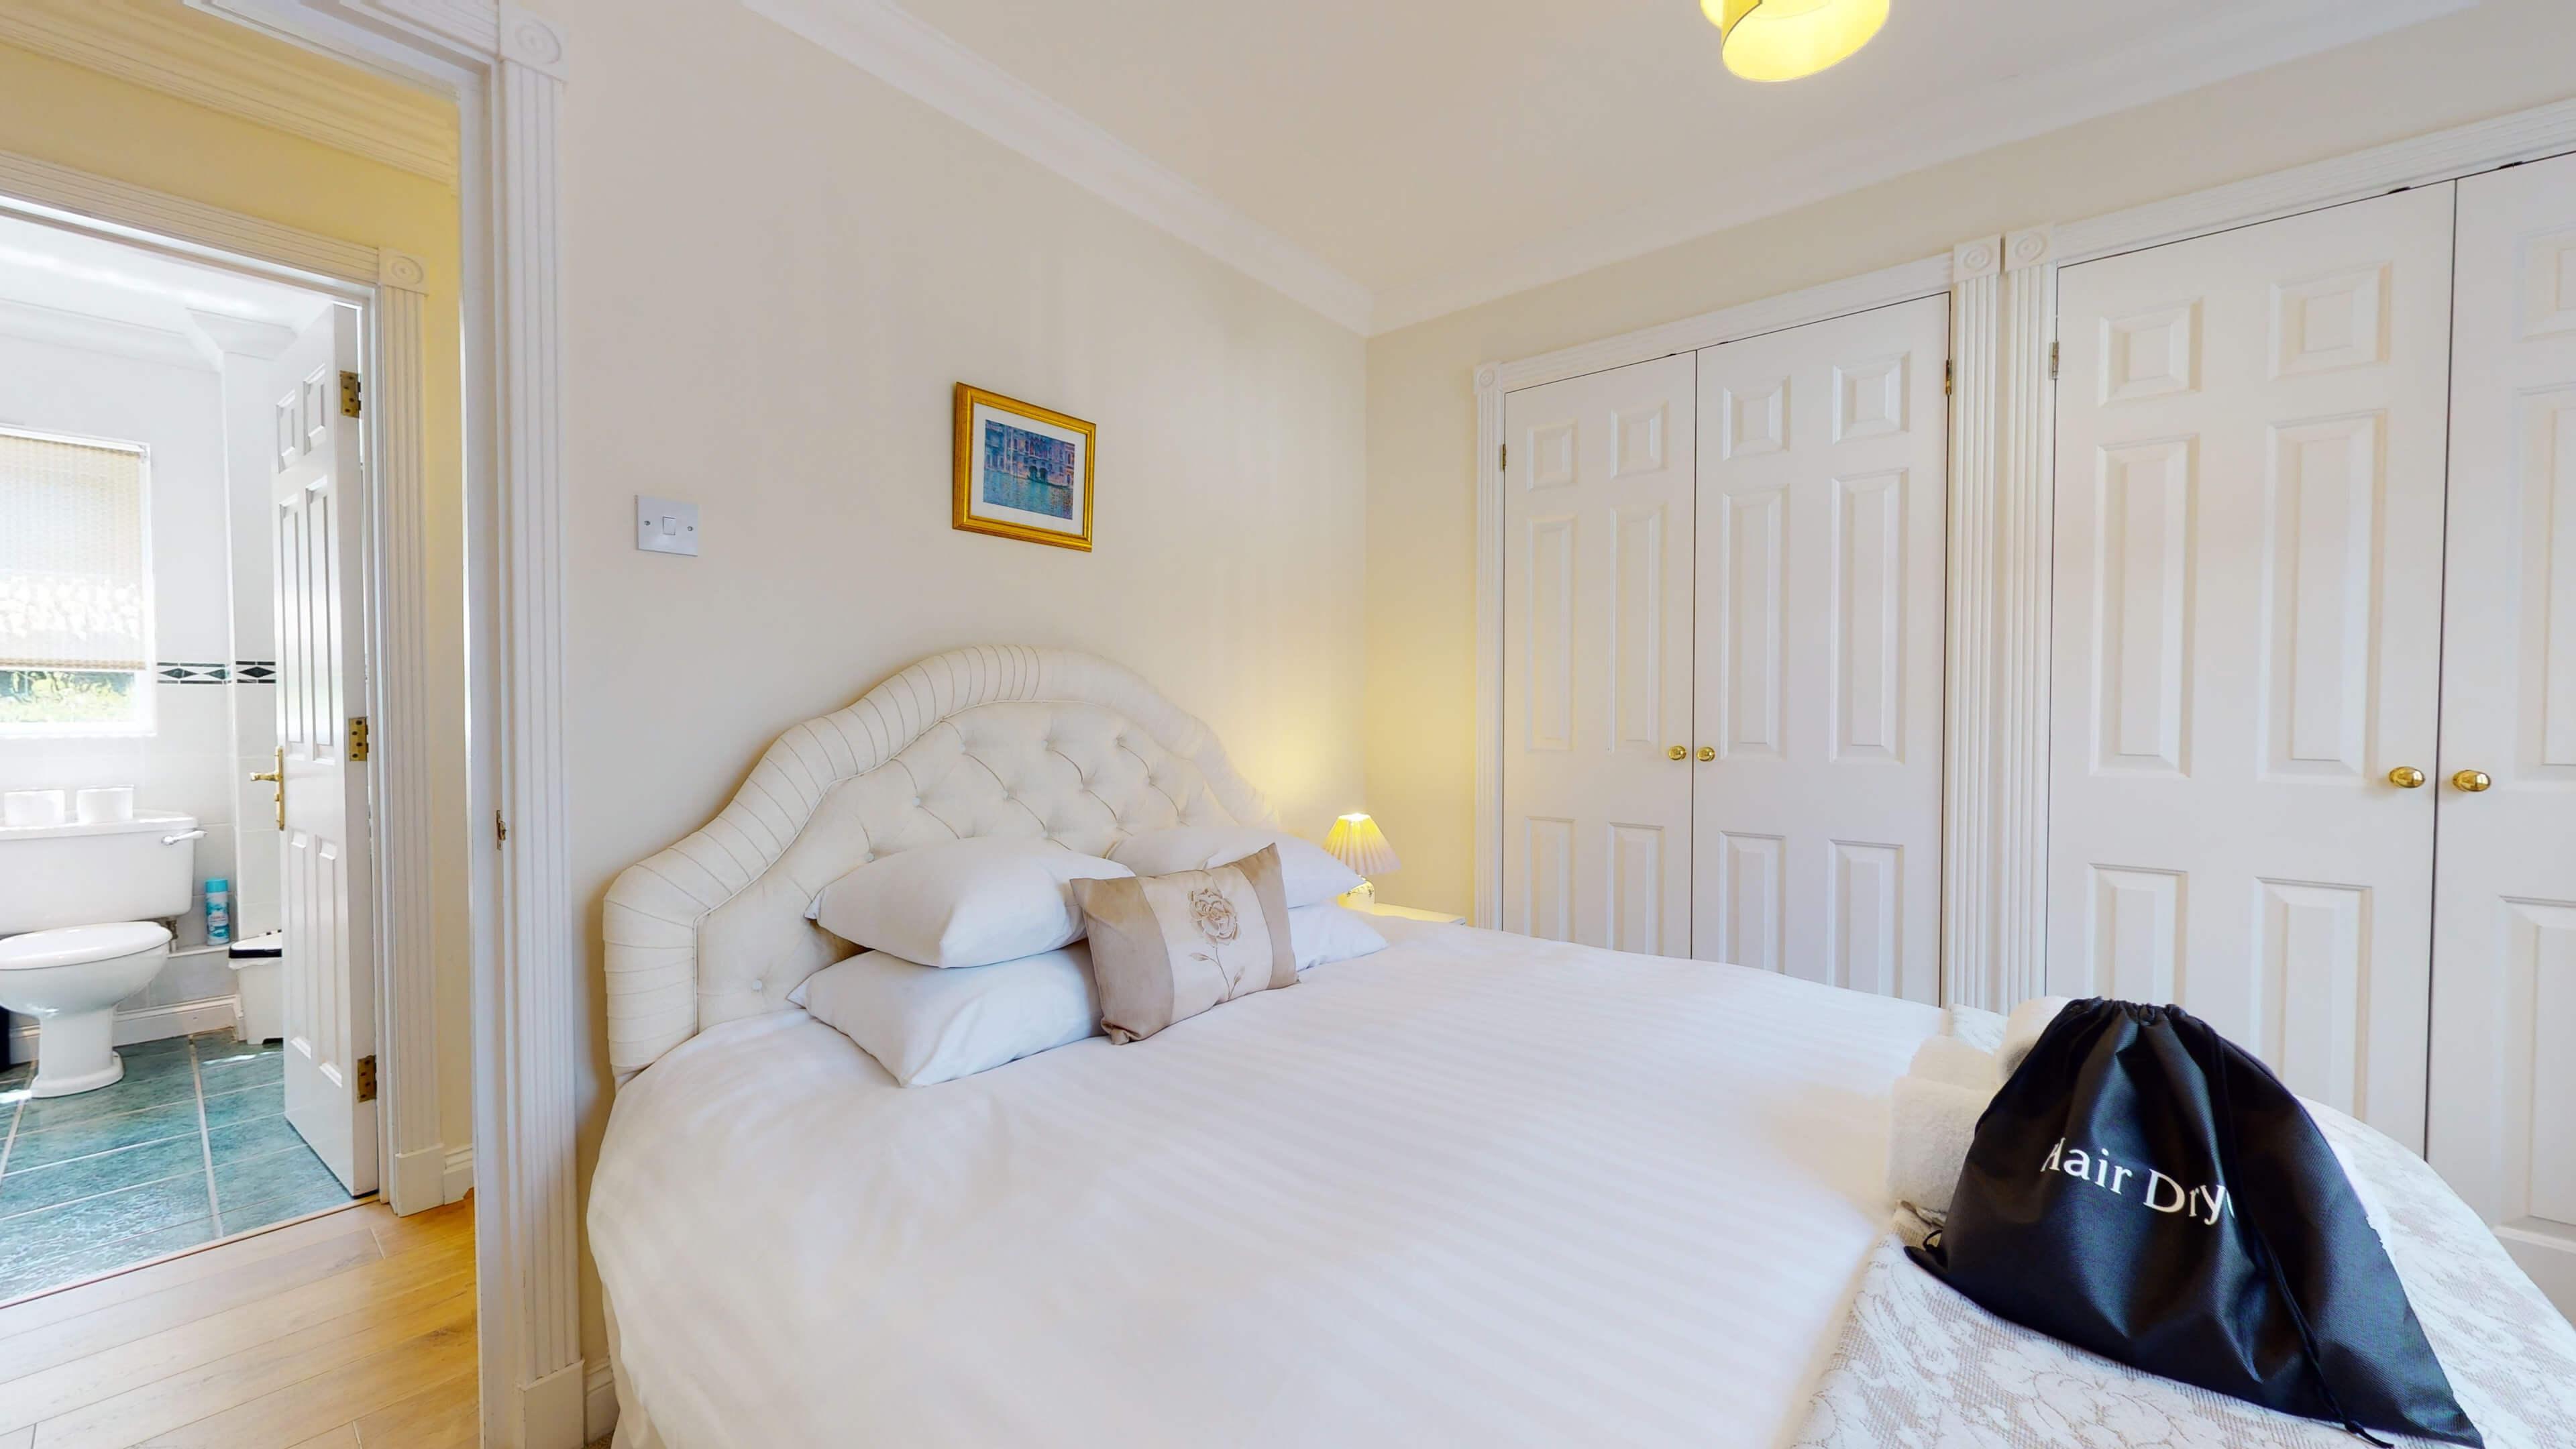 Rewley Road Oxford 2 Bed Rewley Road Bedroom King